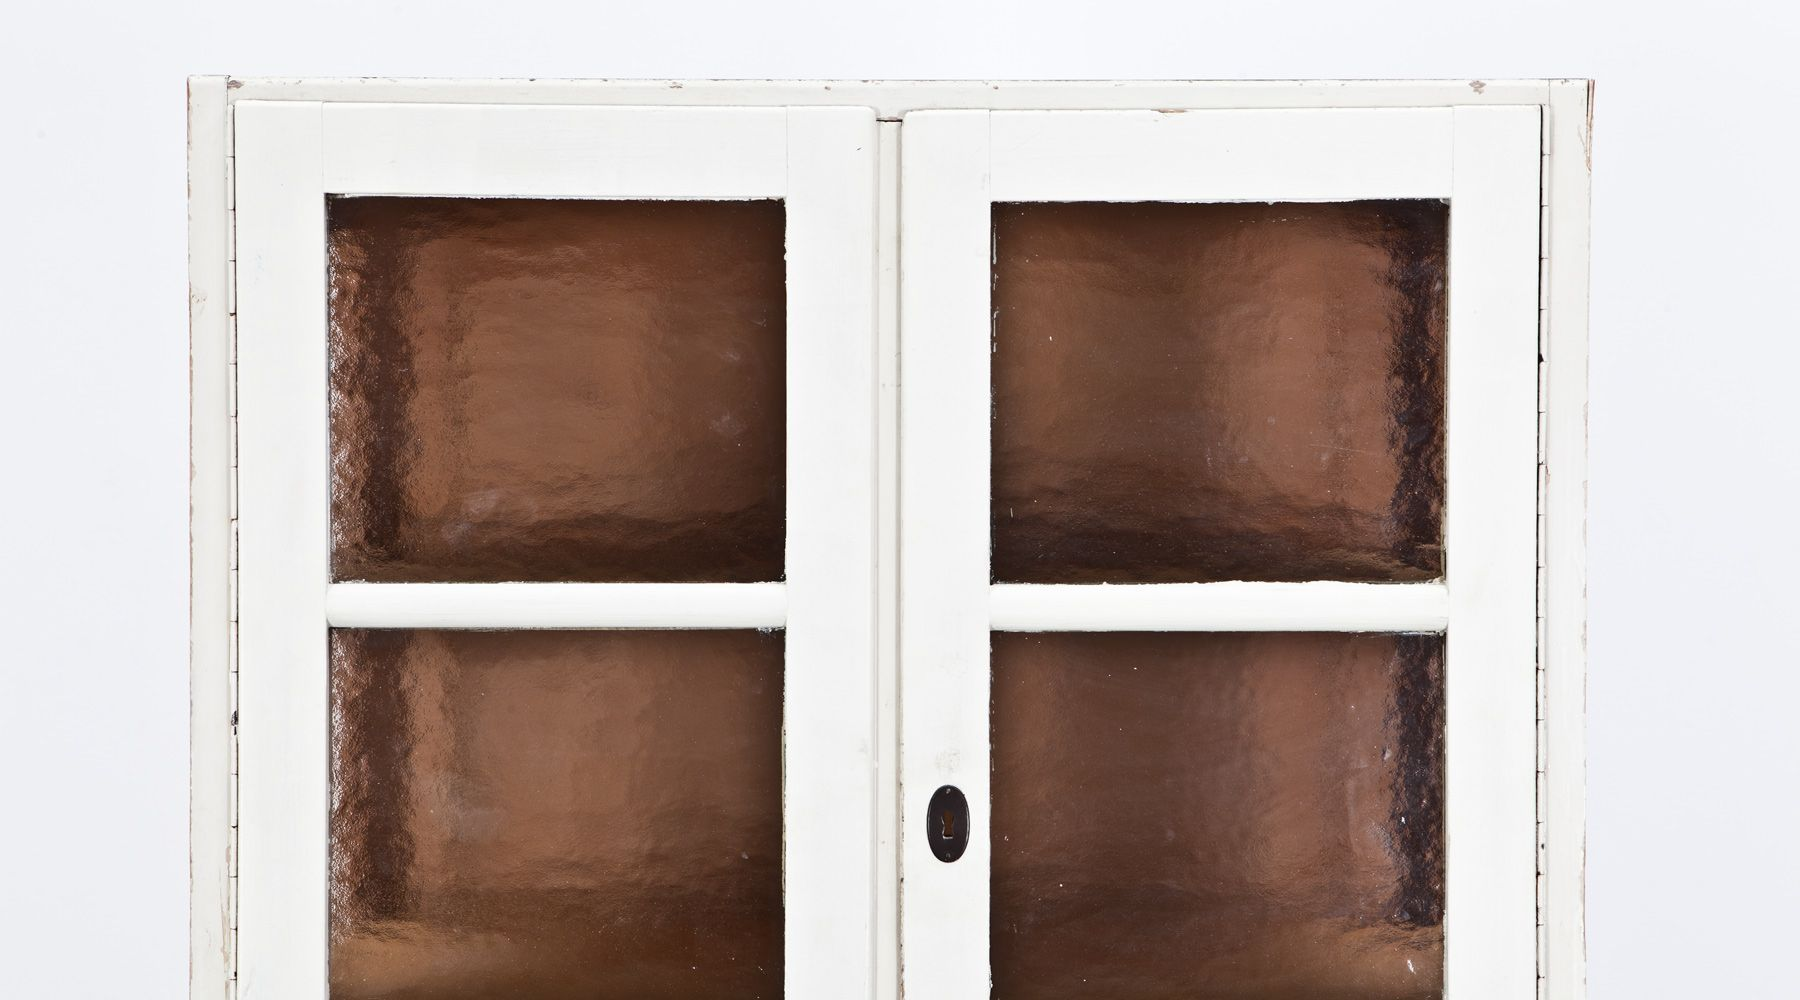 frankfurter k che selected design objects fine art interior design frank landau. Black Bedroom Furniture Sets. Home Design Ideas